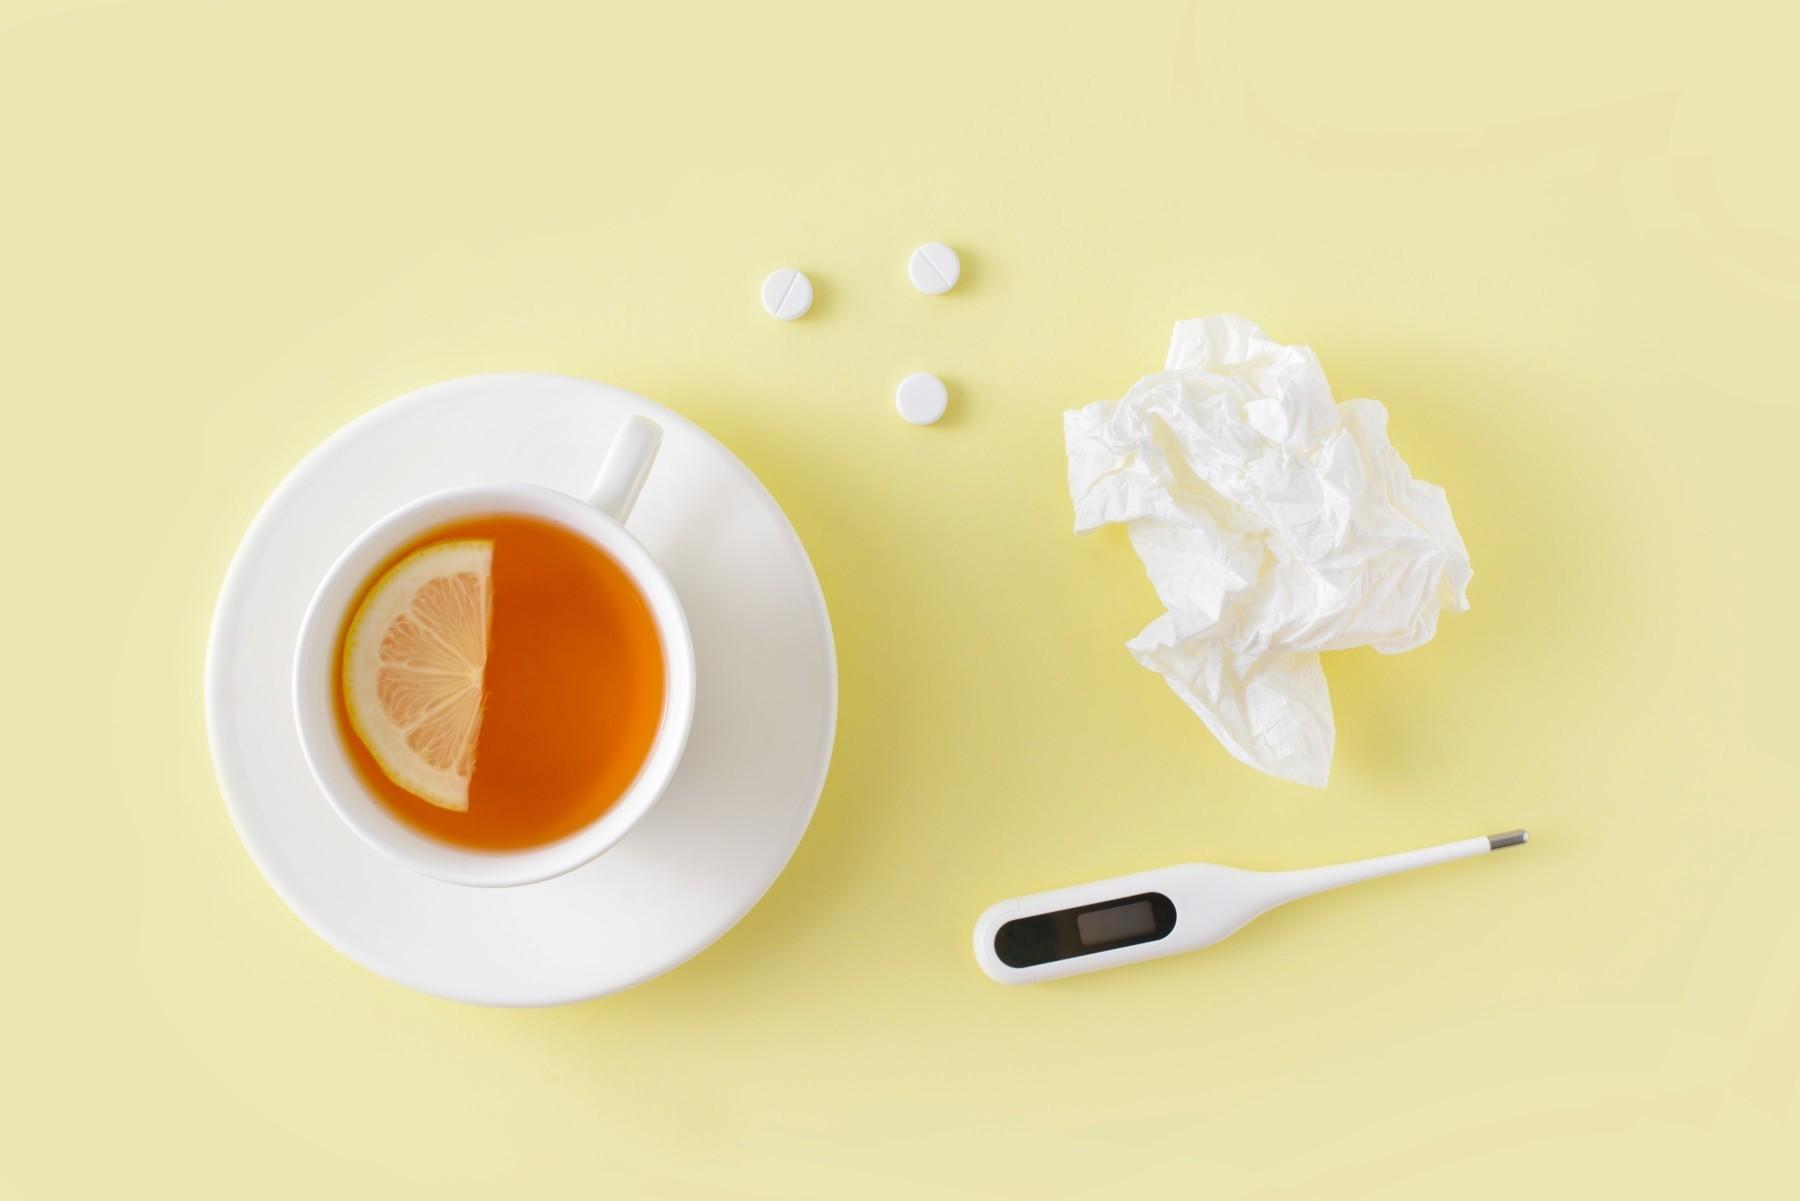 Прогнозы на 2019: появление новых штаммов гриппа